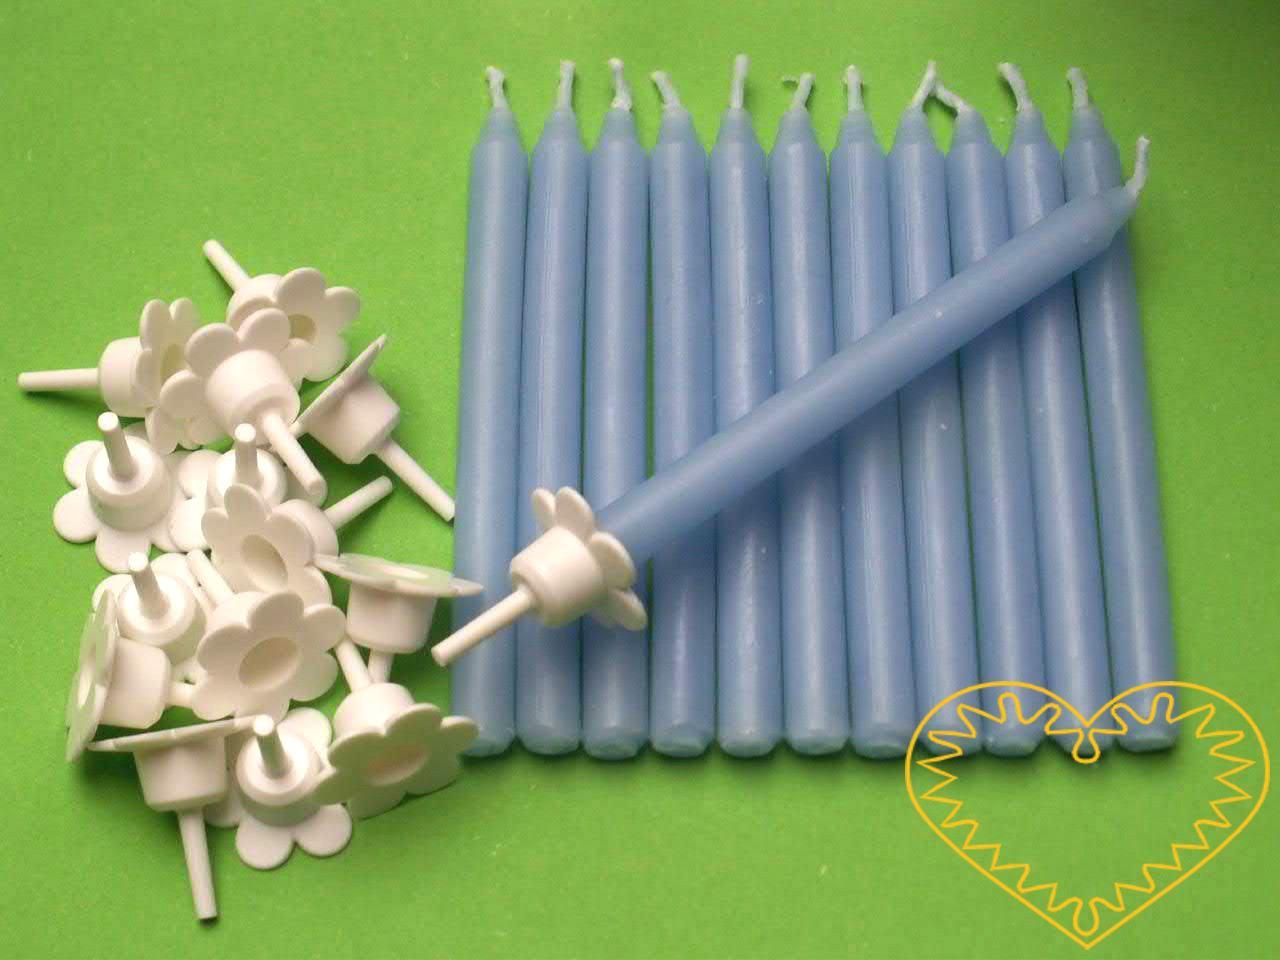 Dortové svíčky bez držáčků - sada 15 kusů. Vhodné nejen na dorty, ale i na tvorbu různých menších aranžmá. Skladem jsou bílé, růžové a modré.